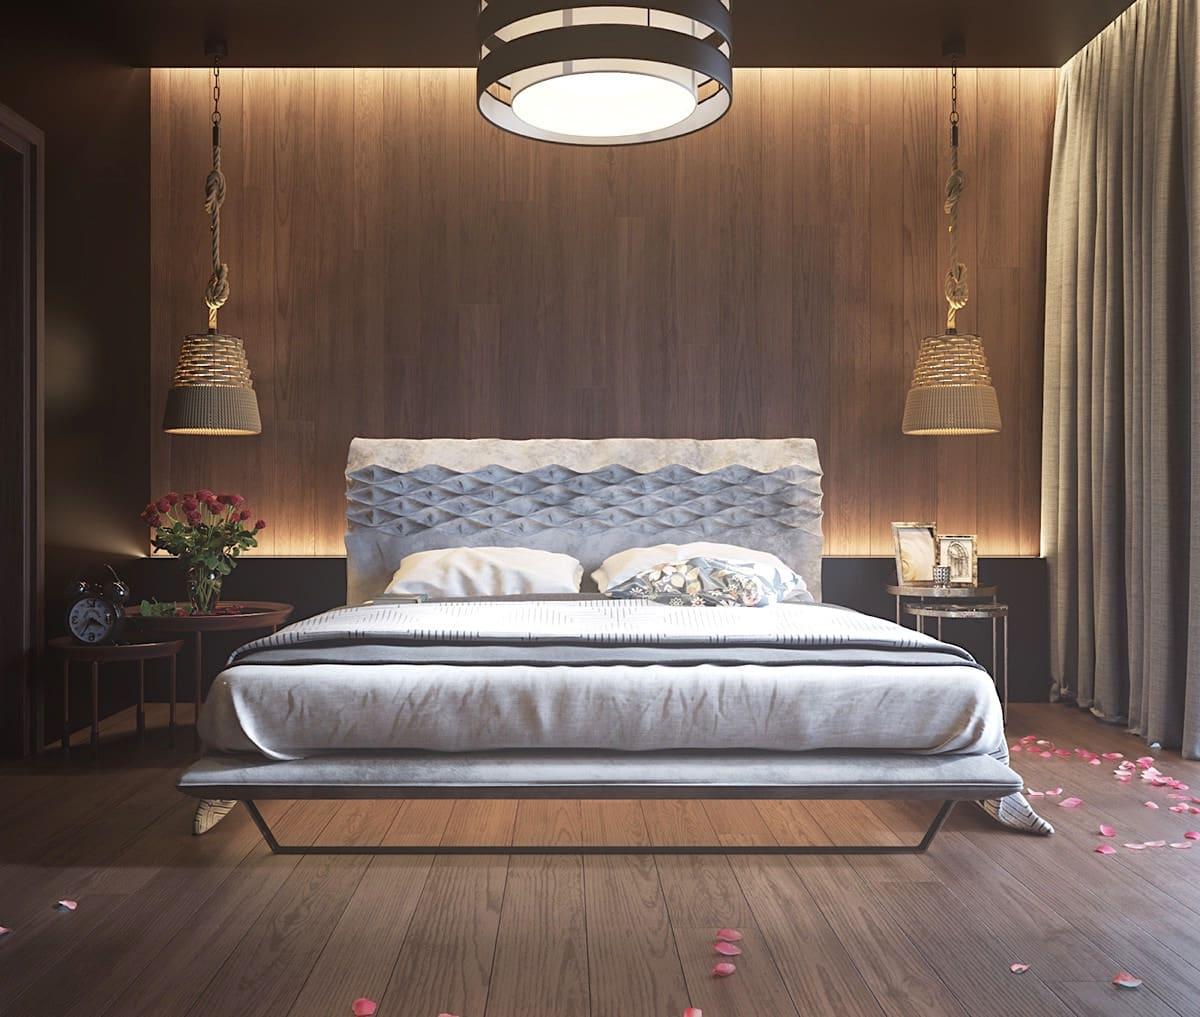 Классический минимализм может показаться монотонным и неинтересным, если его не разбавить яркими элементами декора